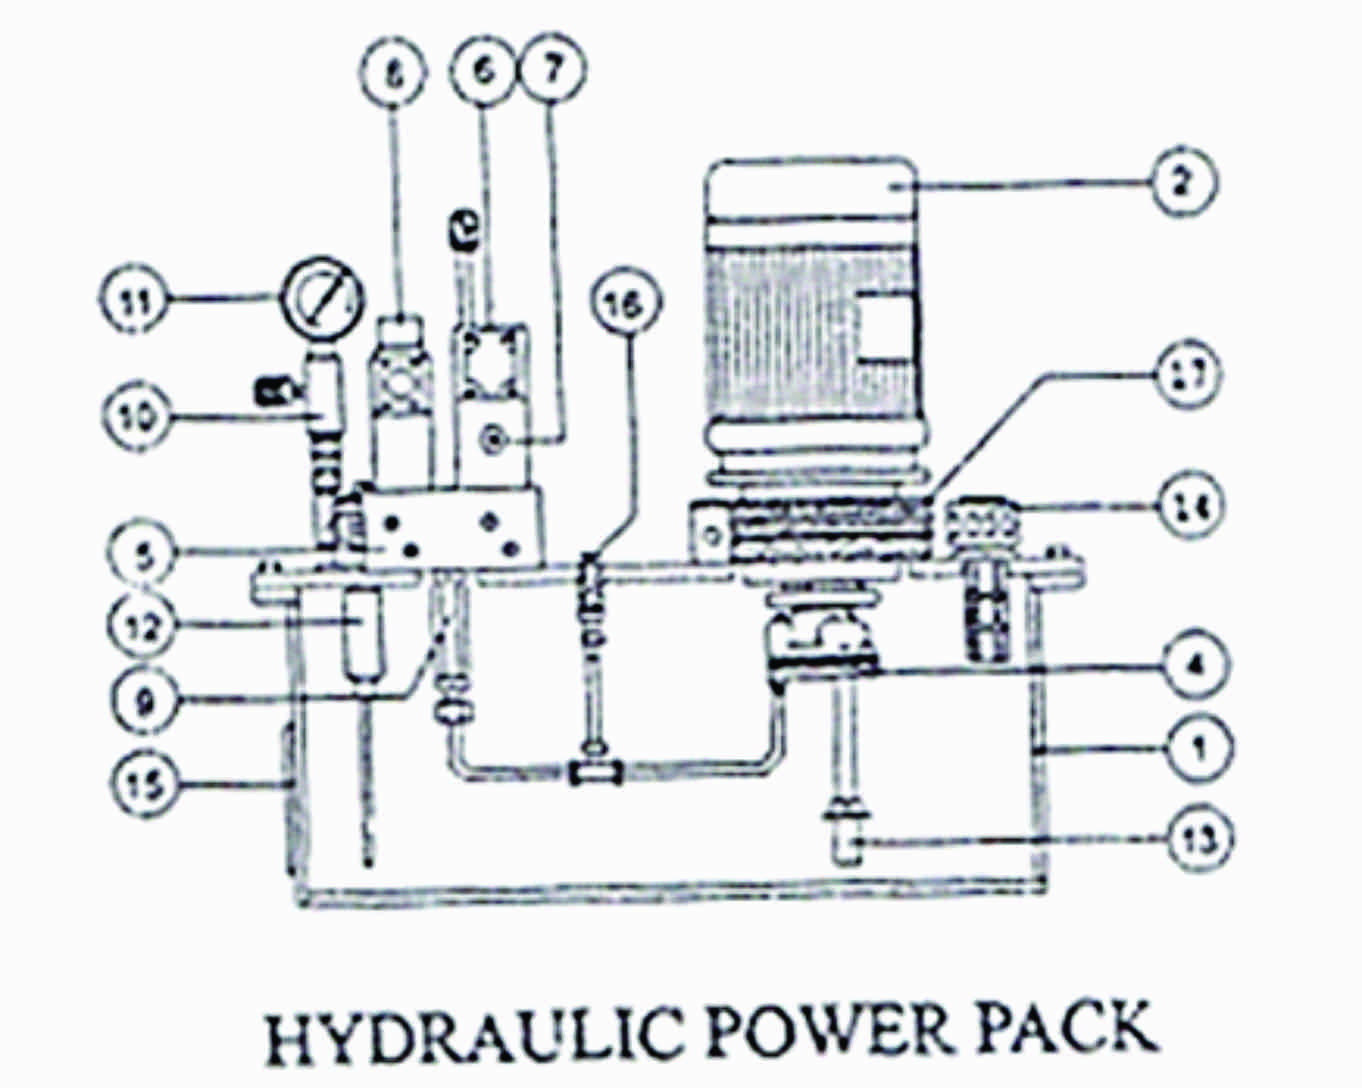 Makalah kliping sistem pompa hidrolik aneka apa aja gudangnya 3 minyak hidrolik yang berada di dalam pressure control valve dapat diatur secara manual oleh sebuah hand control valve no6 ini berfungsi mengatur ccuart Gallery